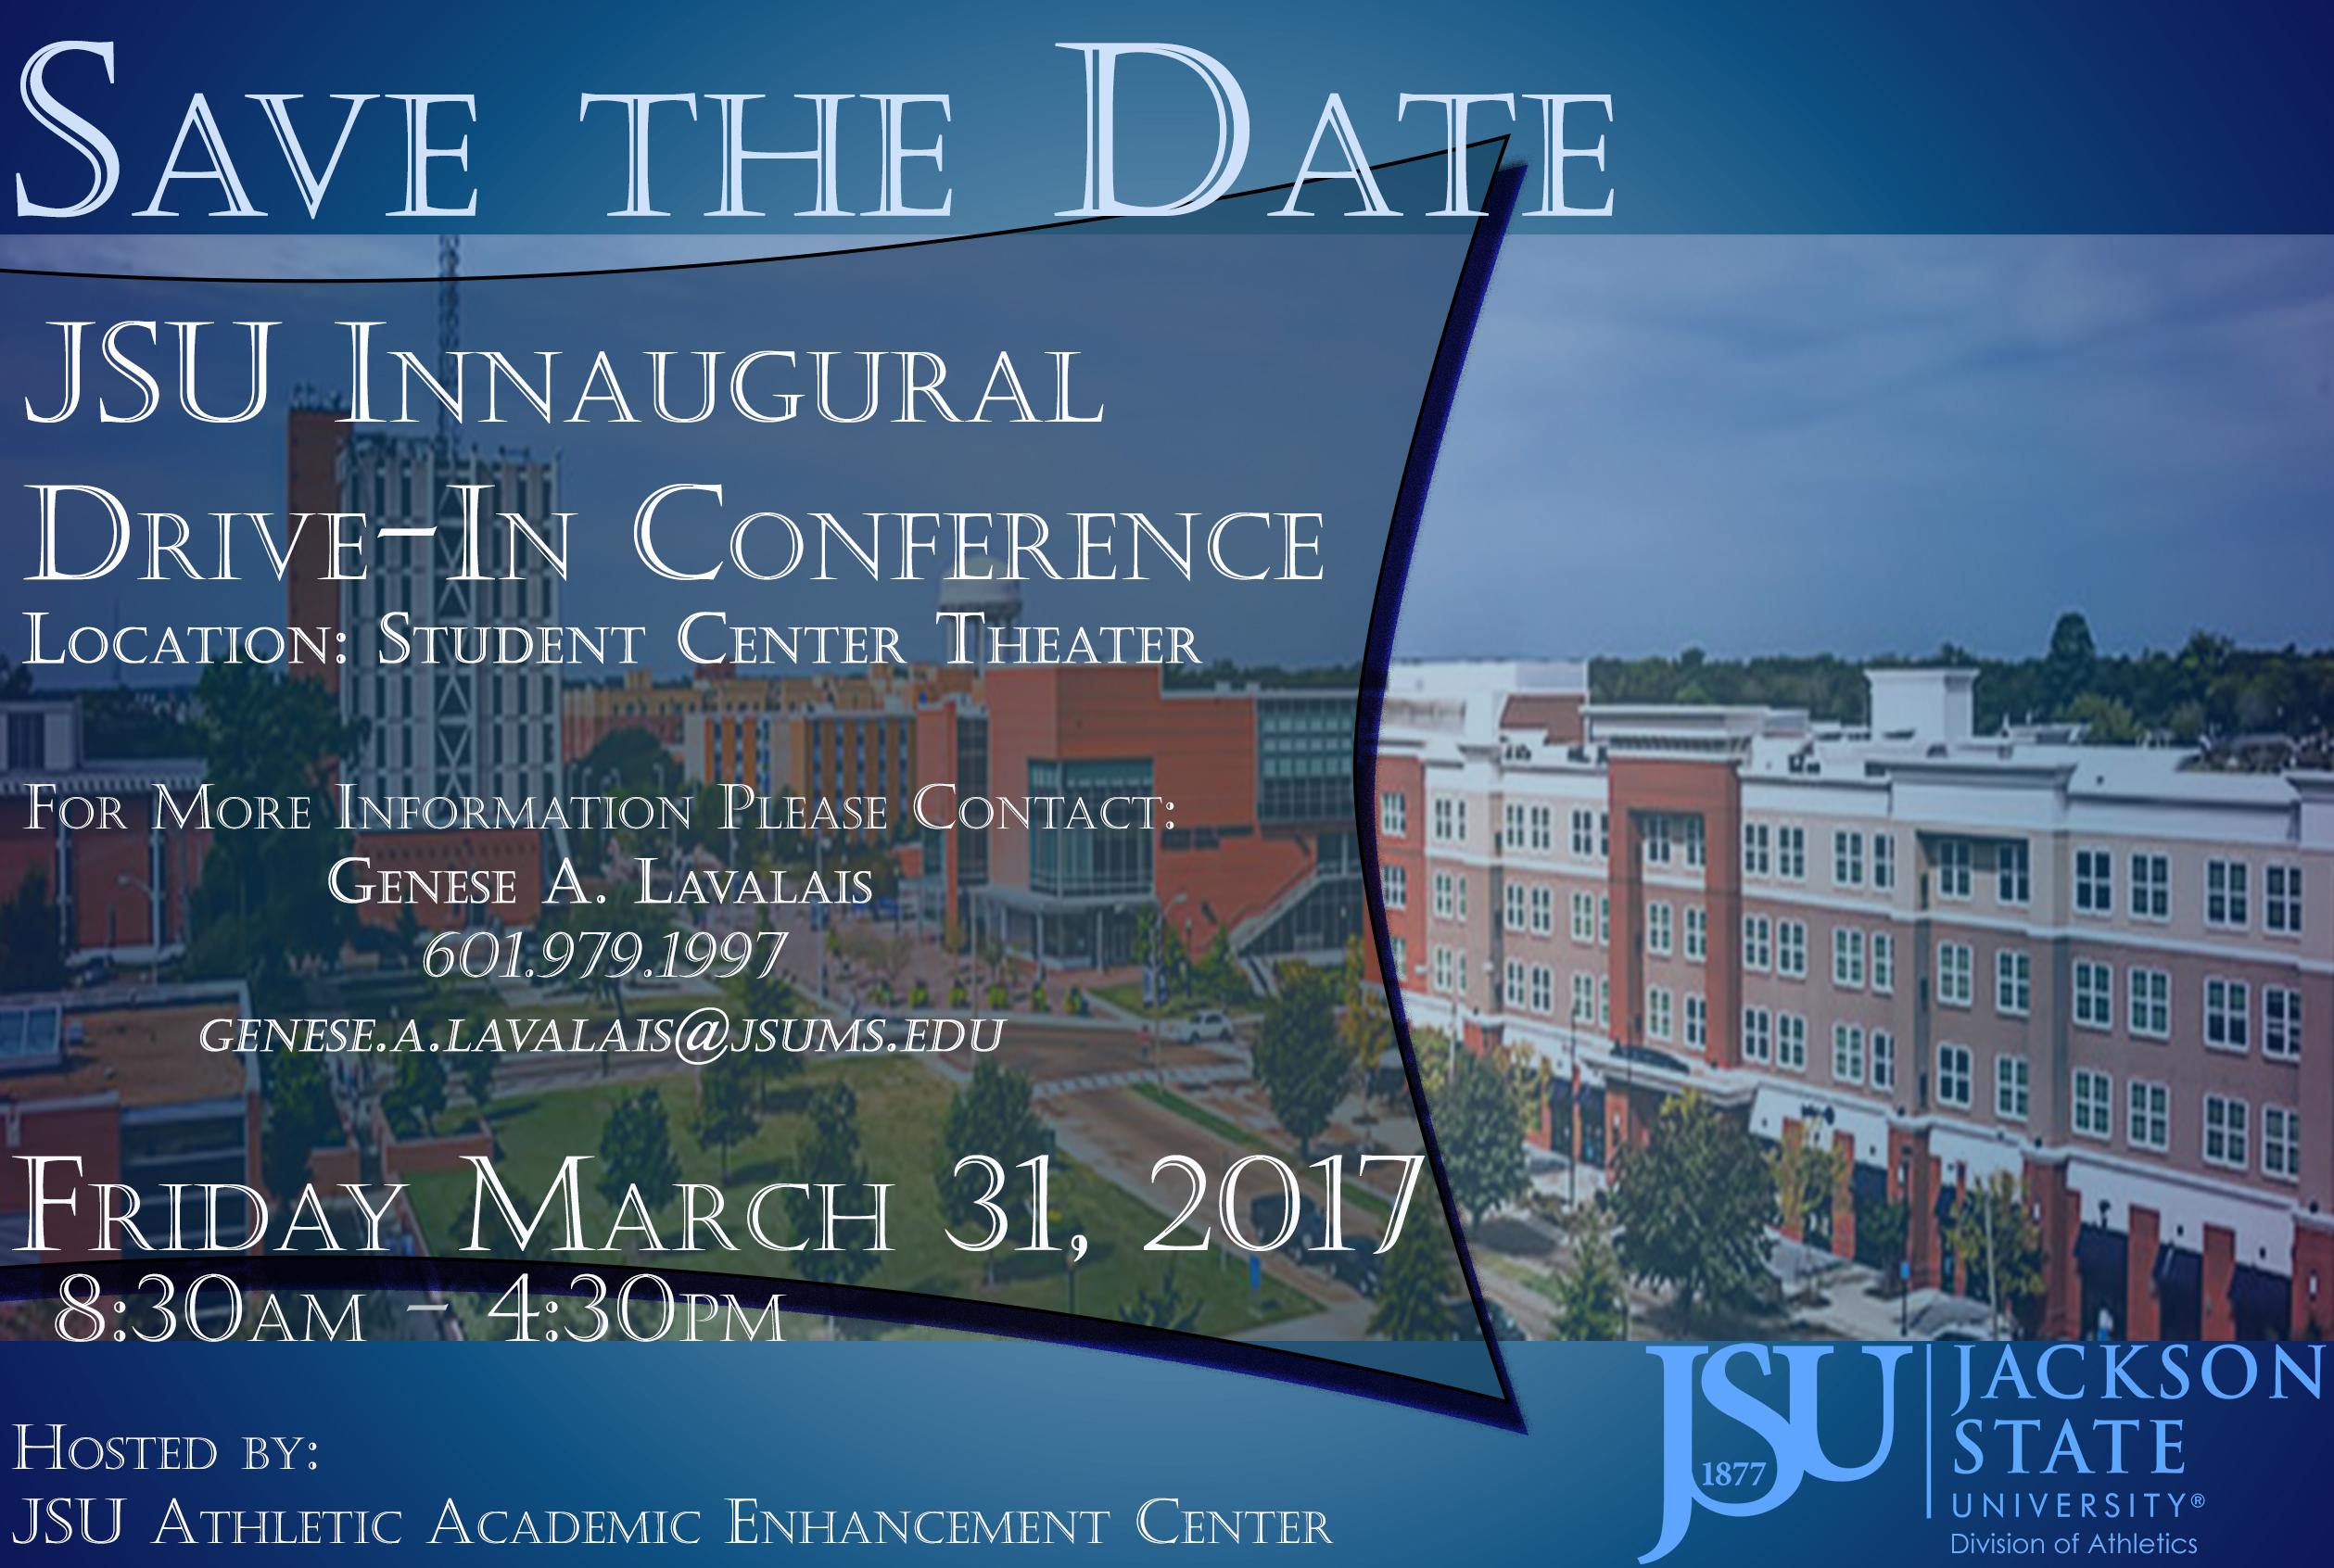 JSU Innaugural Drive-In Conference